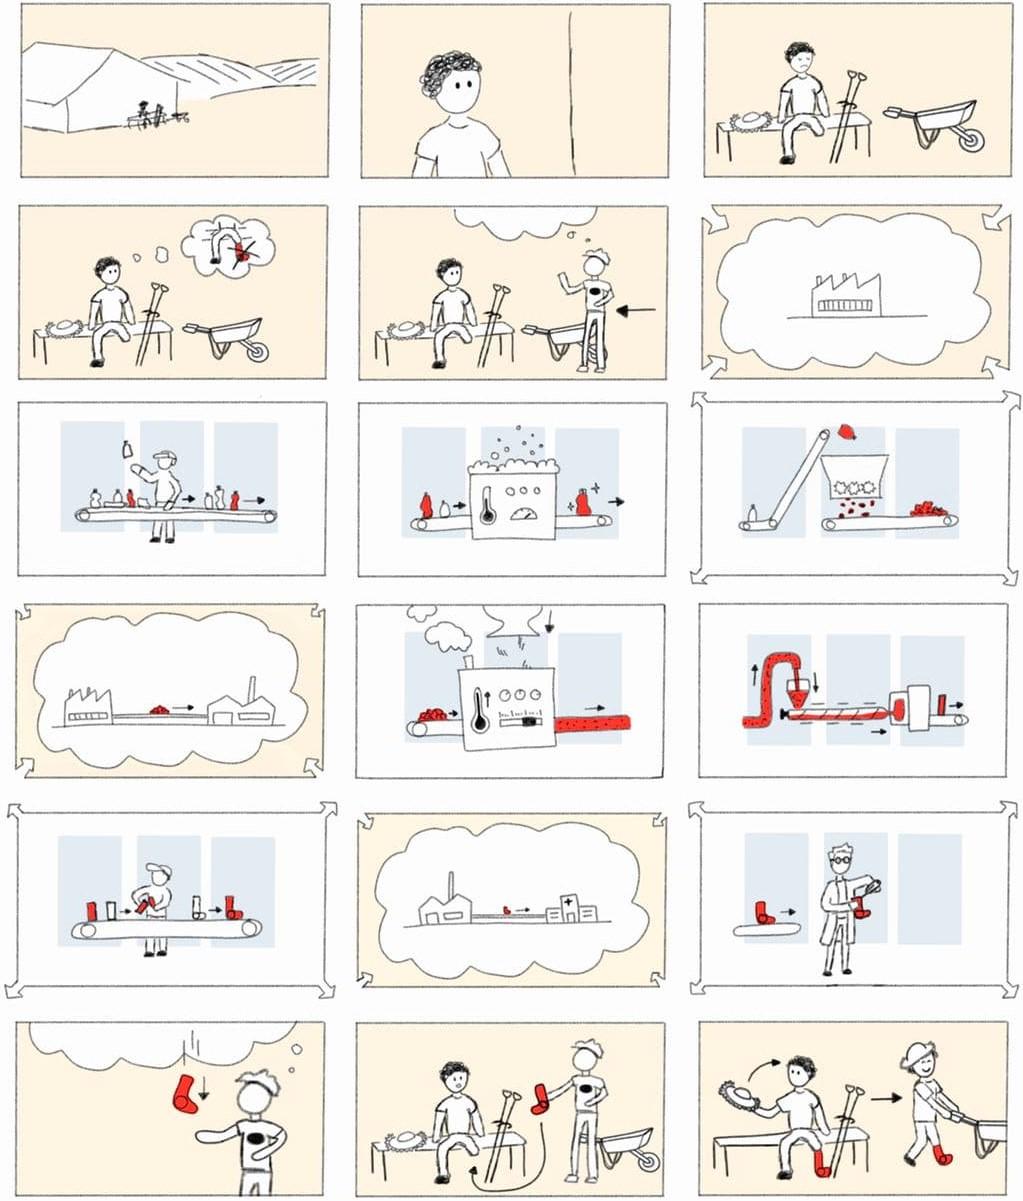 Finales Storyboard Project Circleg